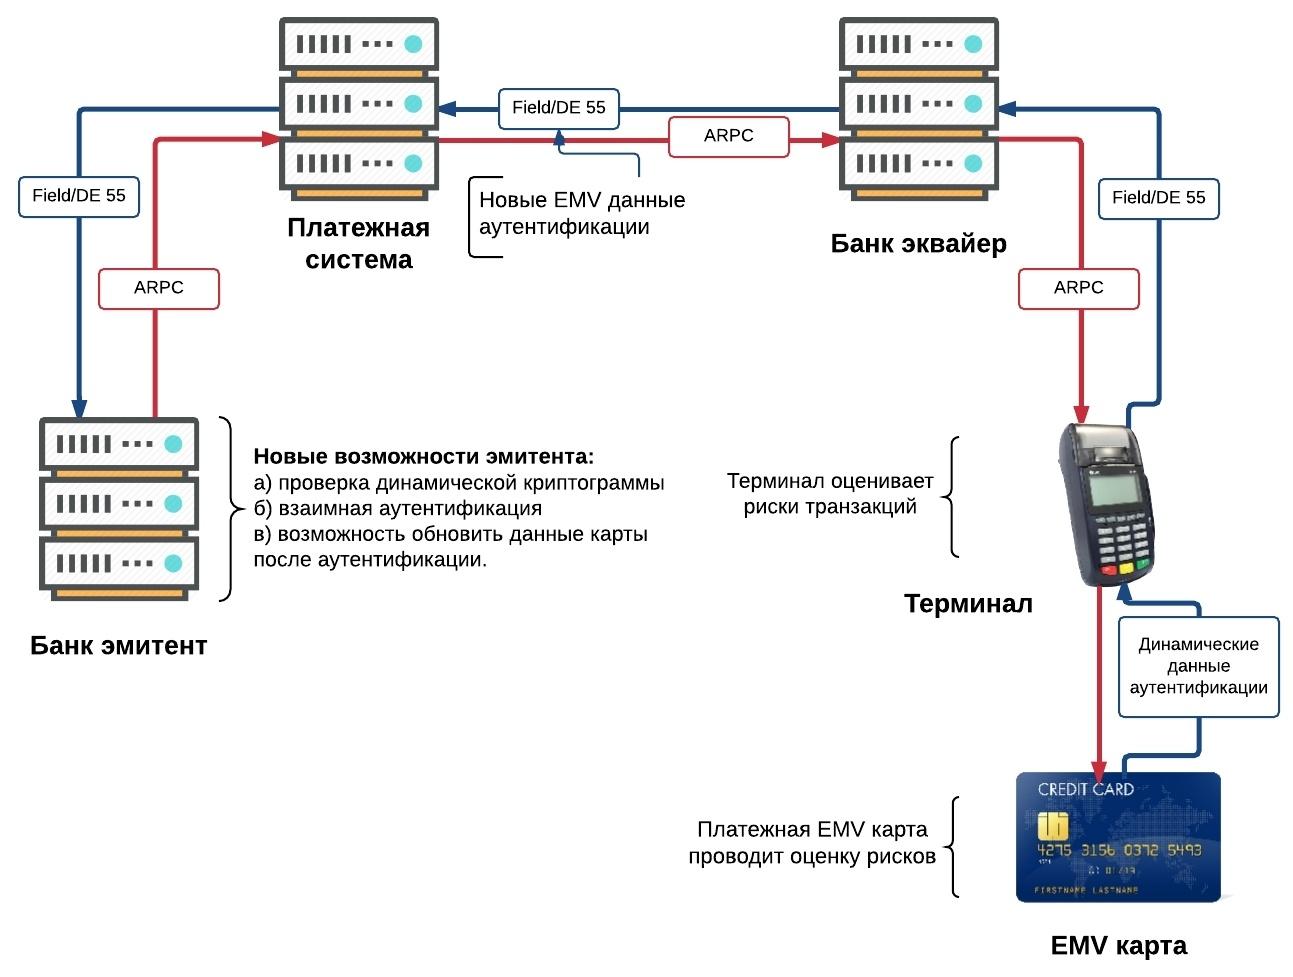 Платежная EMV-карта. Механизмы обеспечения безопасности платежа - 4